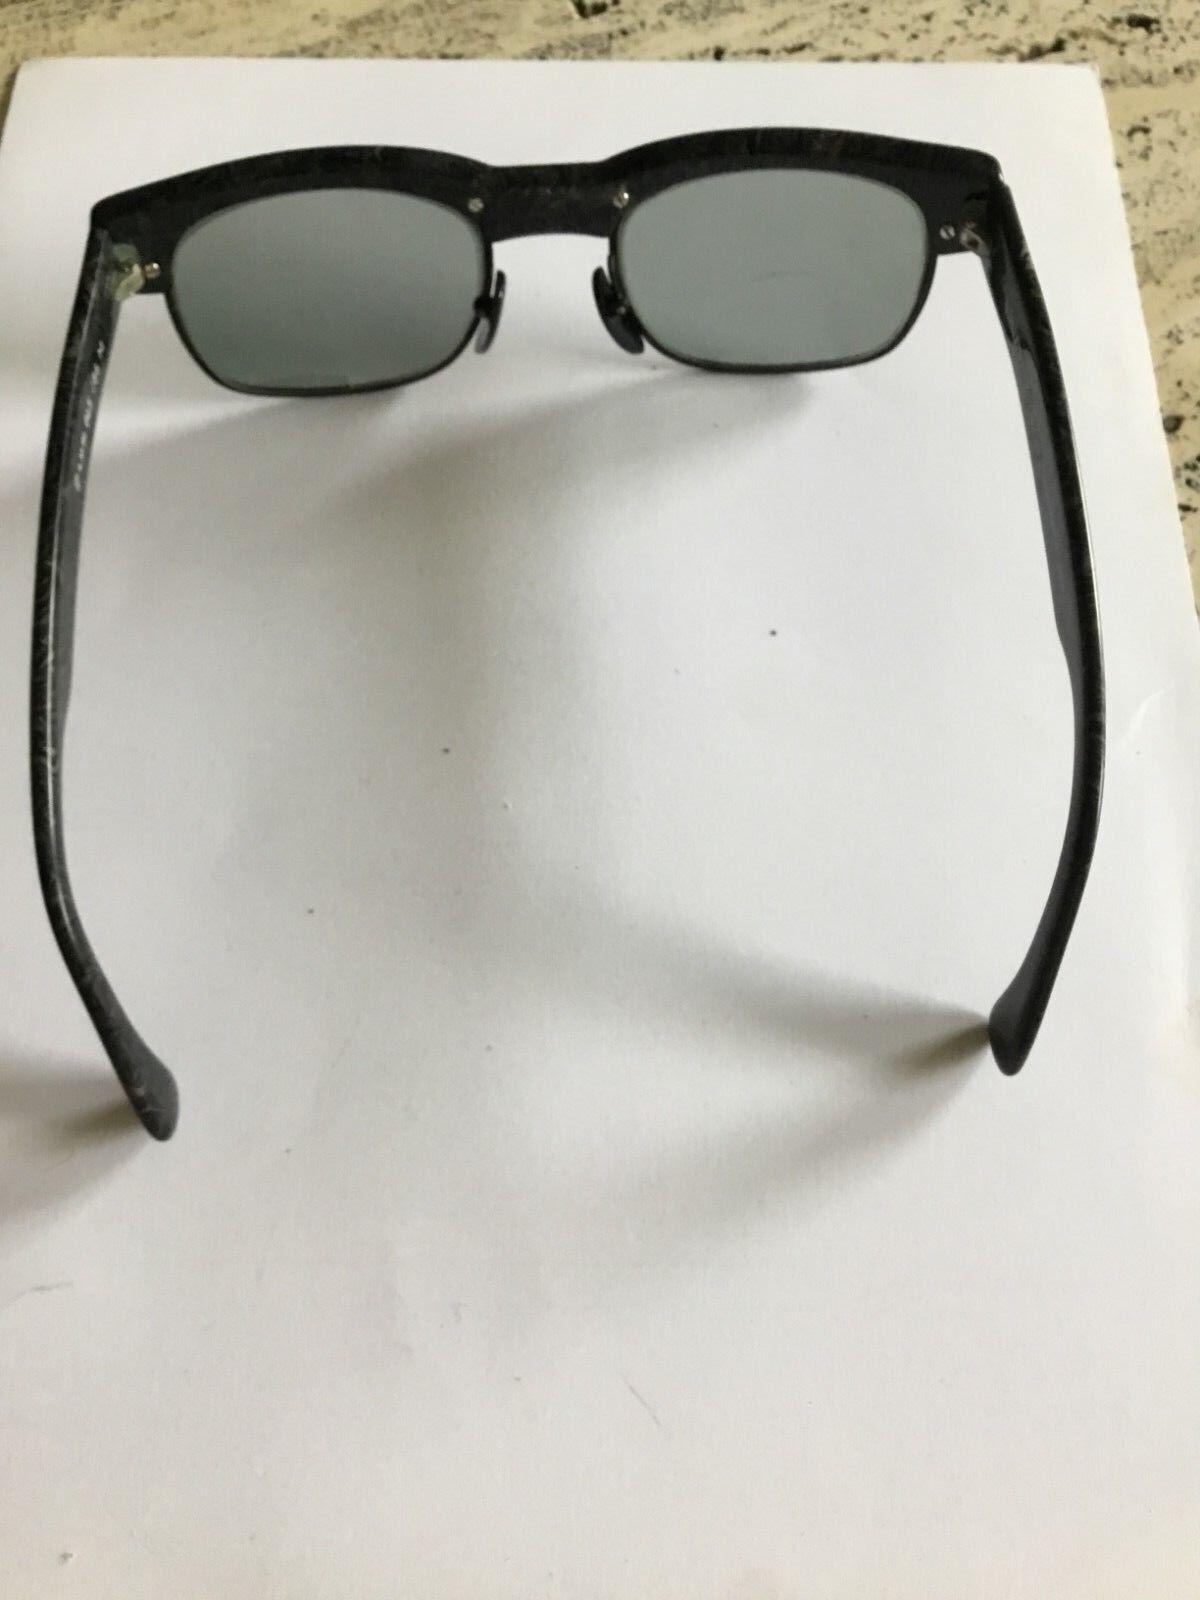 Alain Mikli sunglasses - image 3